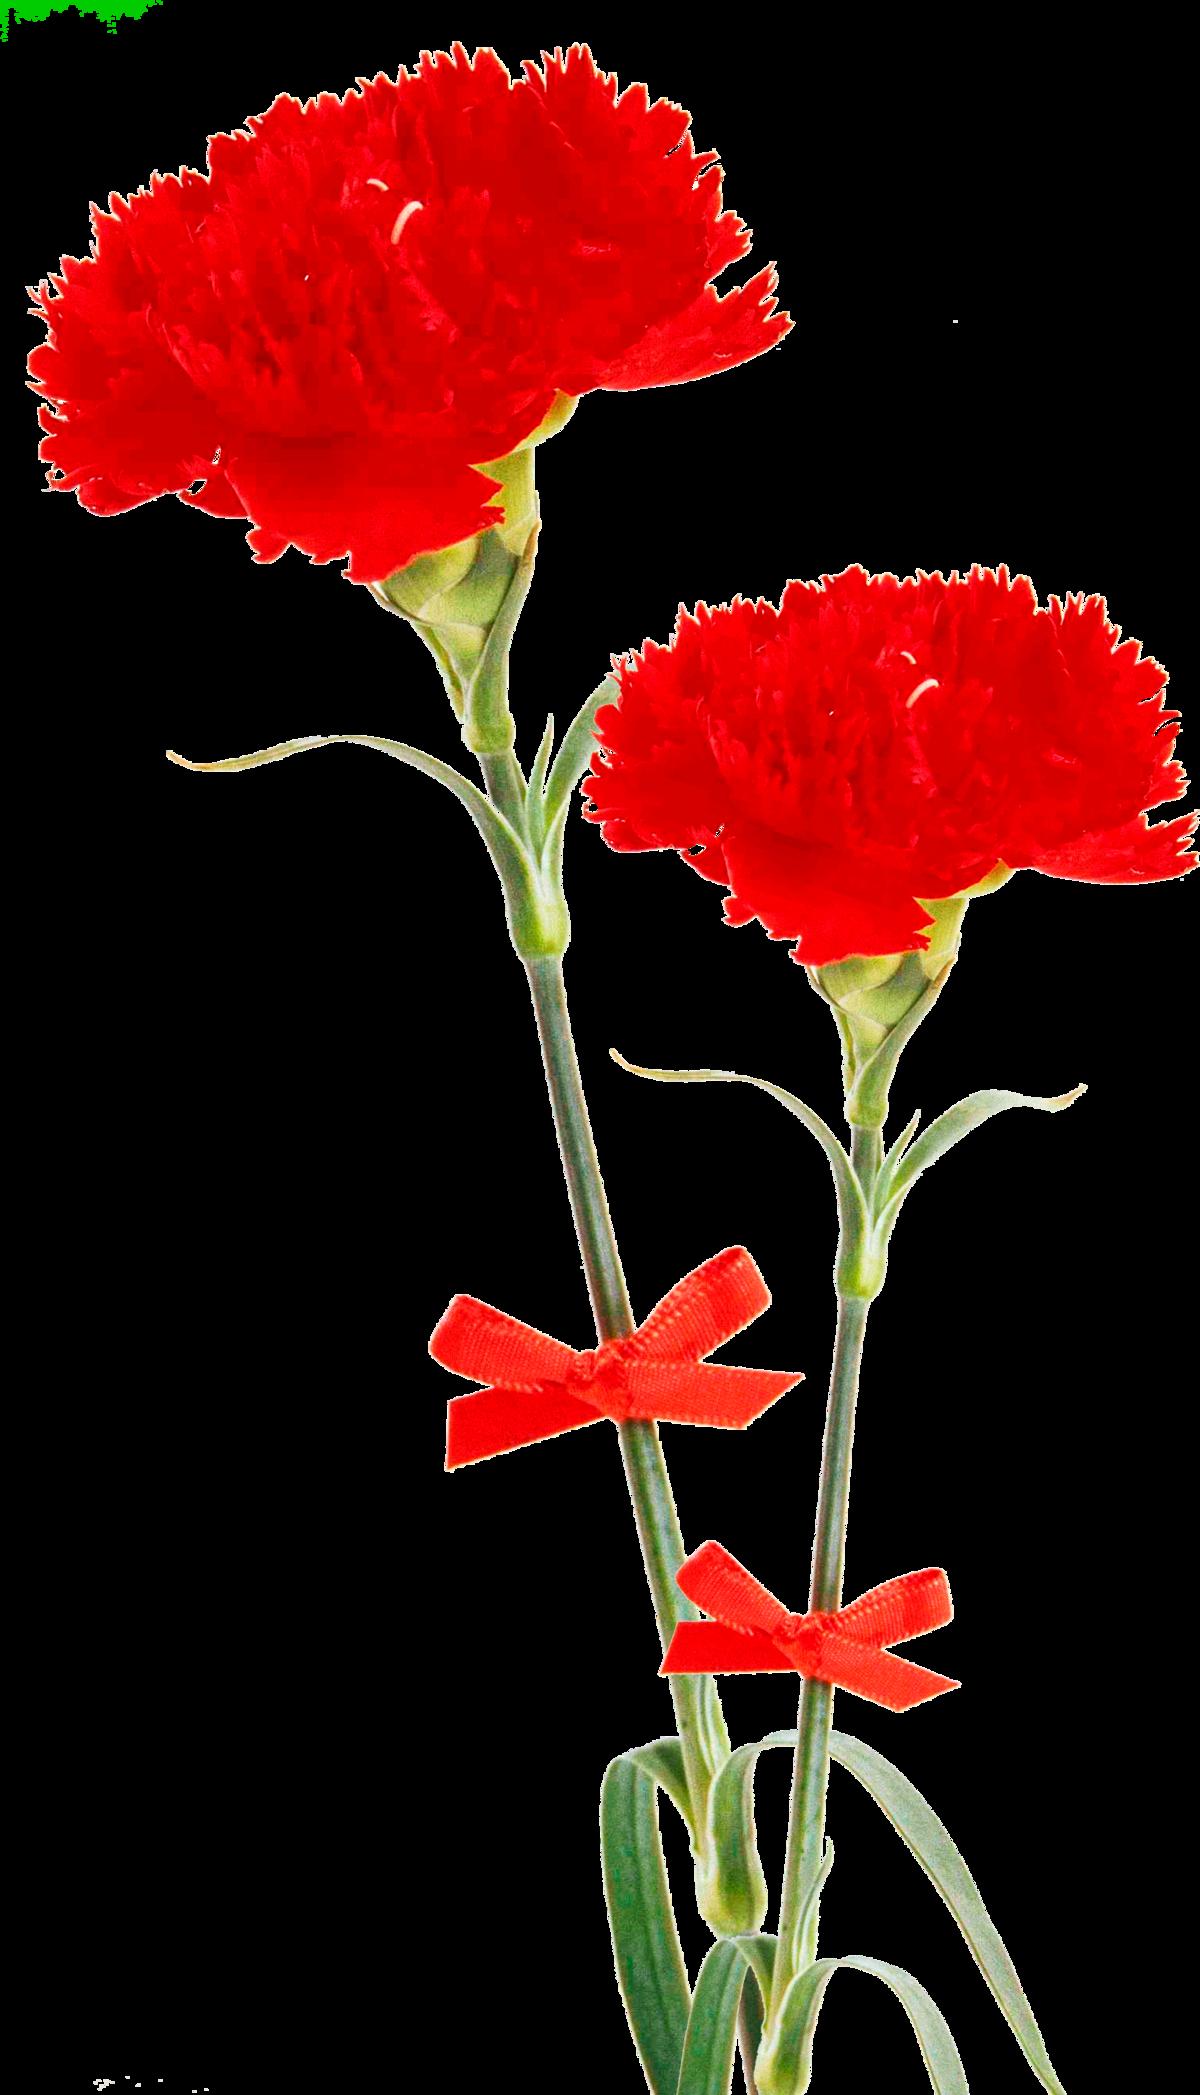 Картинки анимация цветы гвоздика, картинки